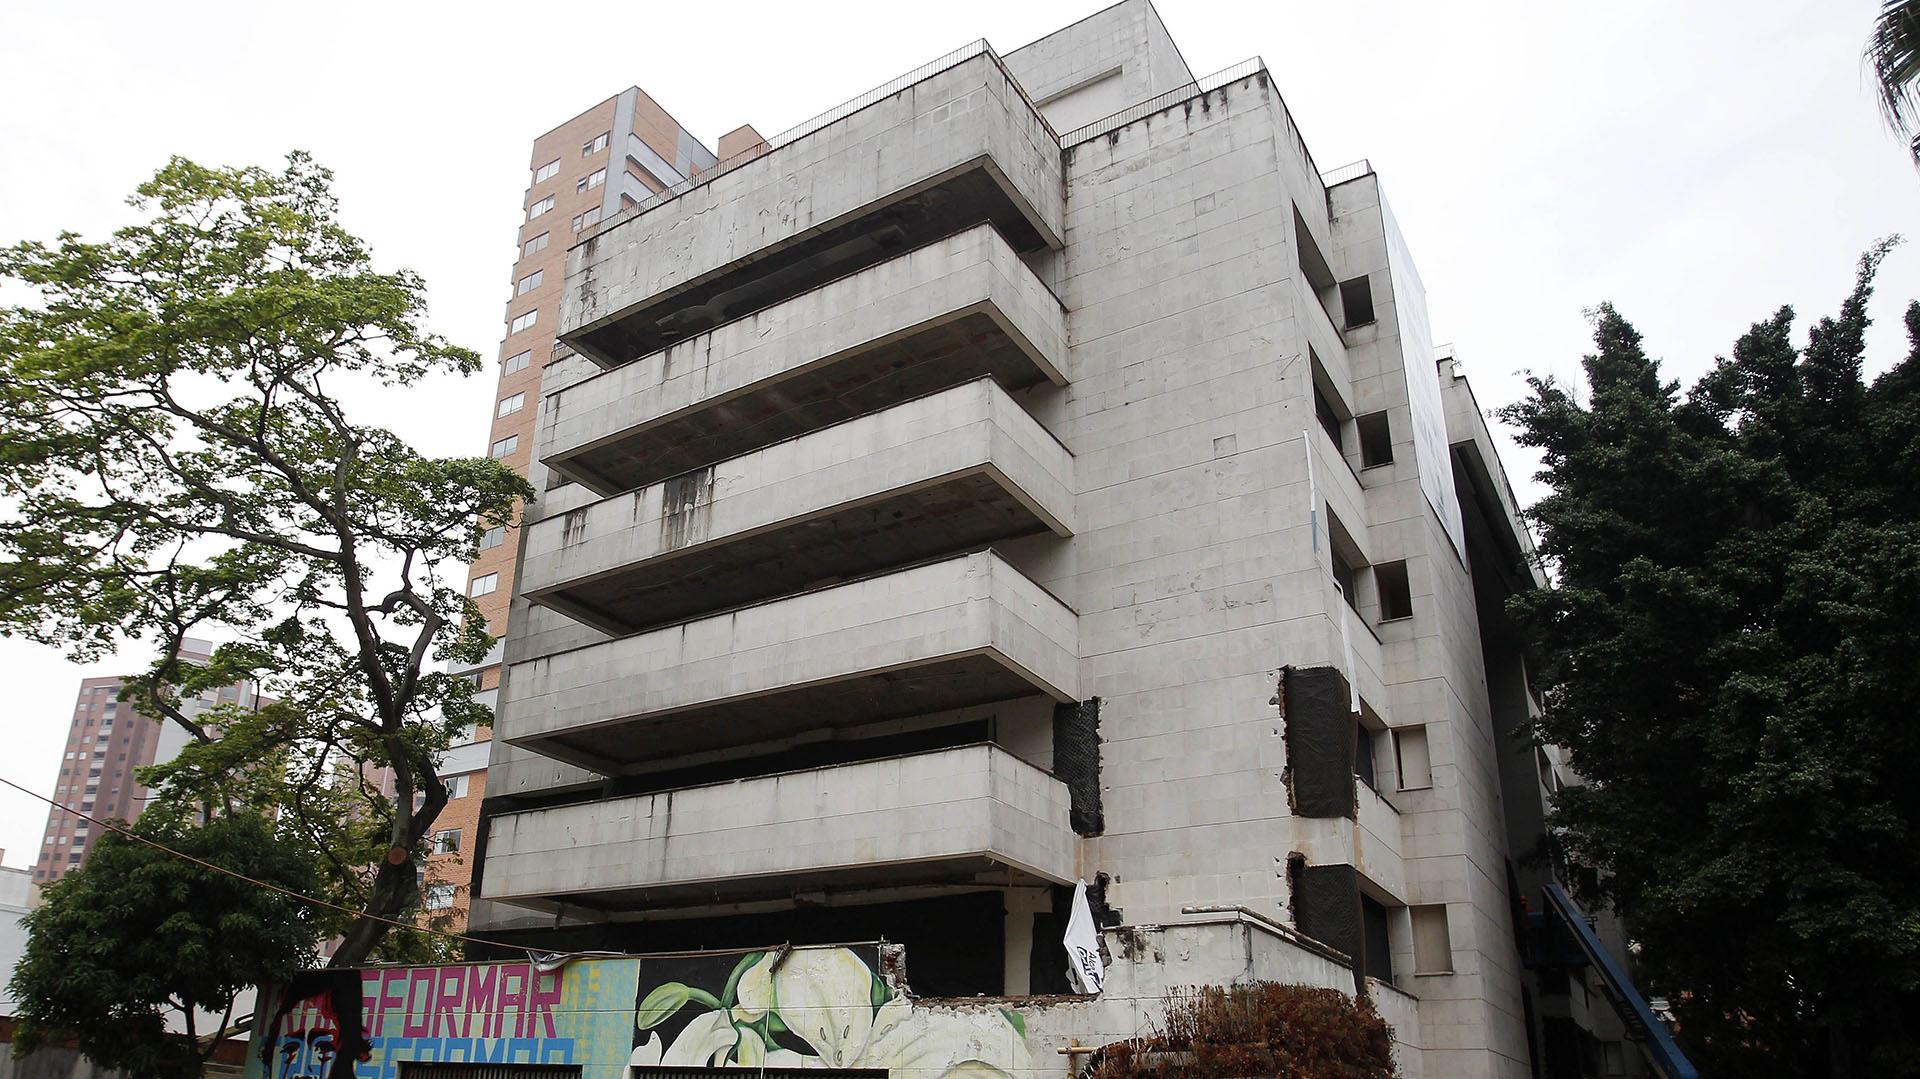 El edificio Mónaco, construido en los 80's por Pablo Escobar, será destruido este viernes. (EFE)